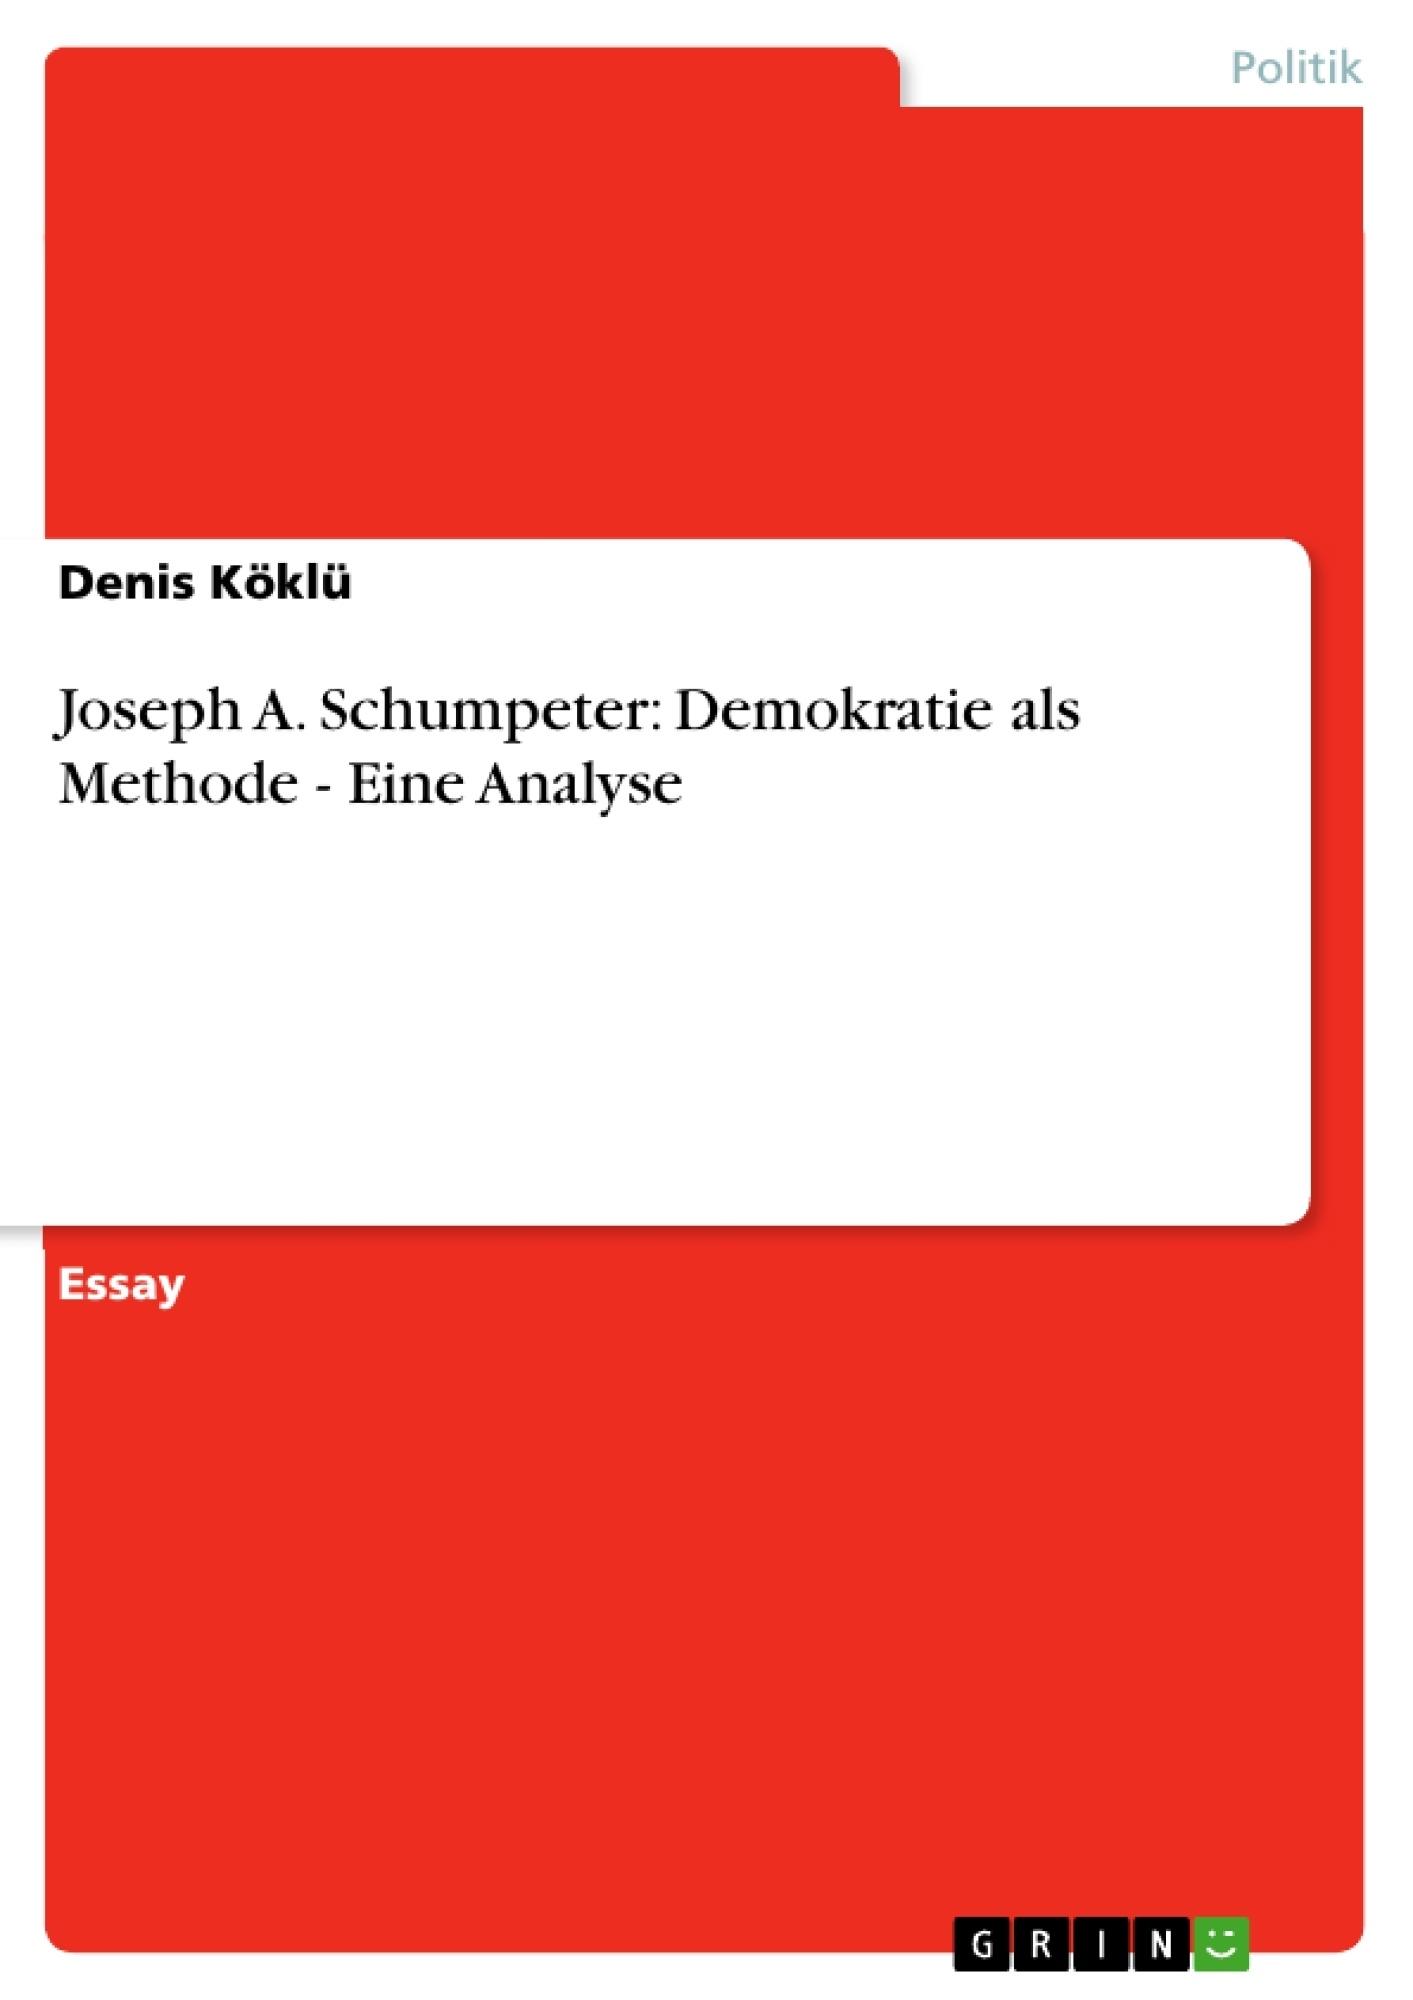 Titel: Joseph A. Schumpeter: Demokratie als Methode - Eine Analyse